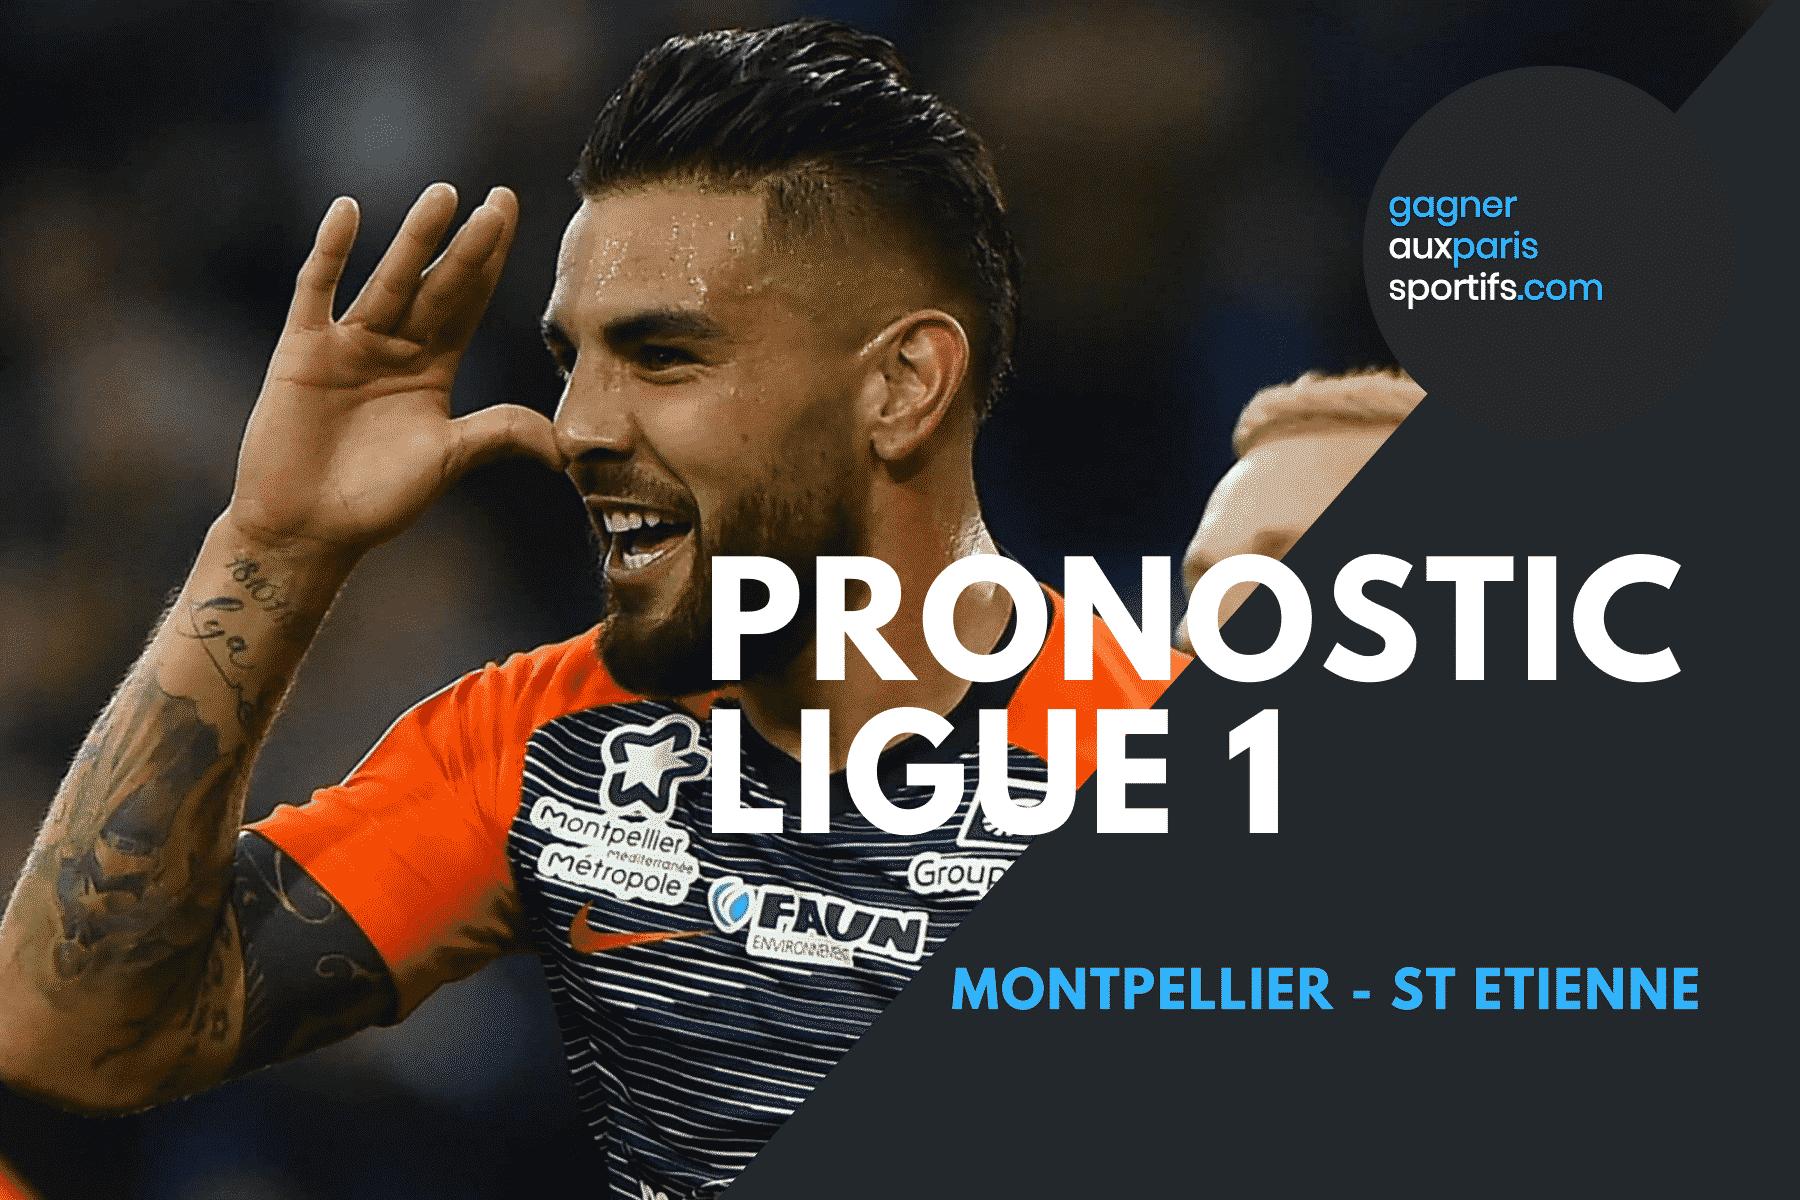 Pronostic Montpellier - St Etienne Ligue 1